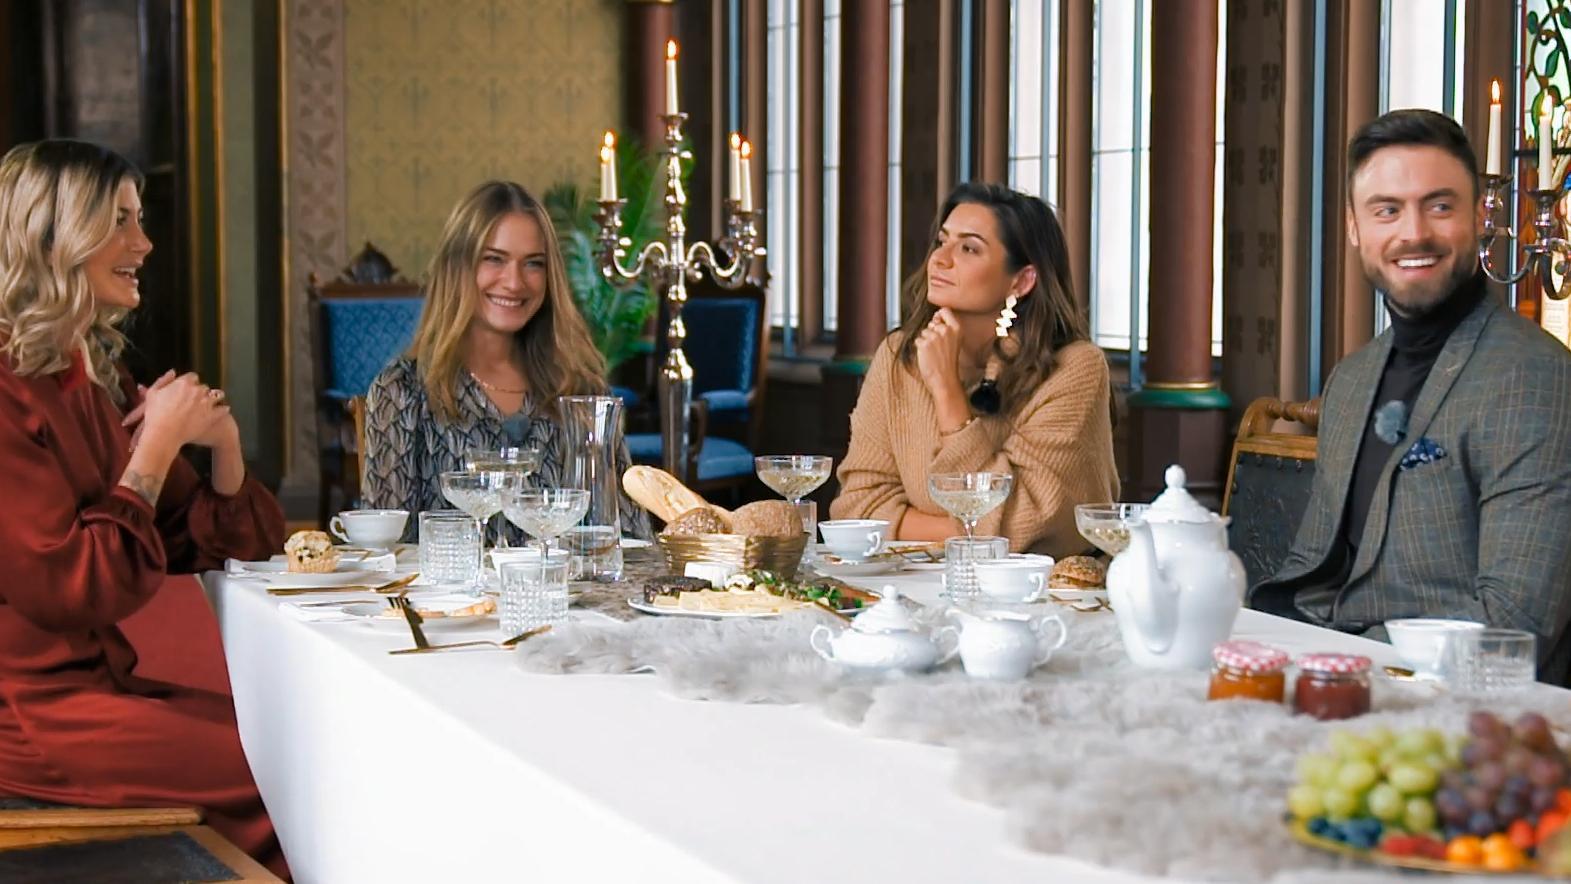 Beim Eltern-Date: Die Ladys wollen sich gegenseitig übertrumpfen - RTL Online